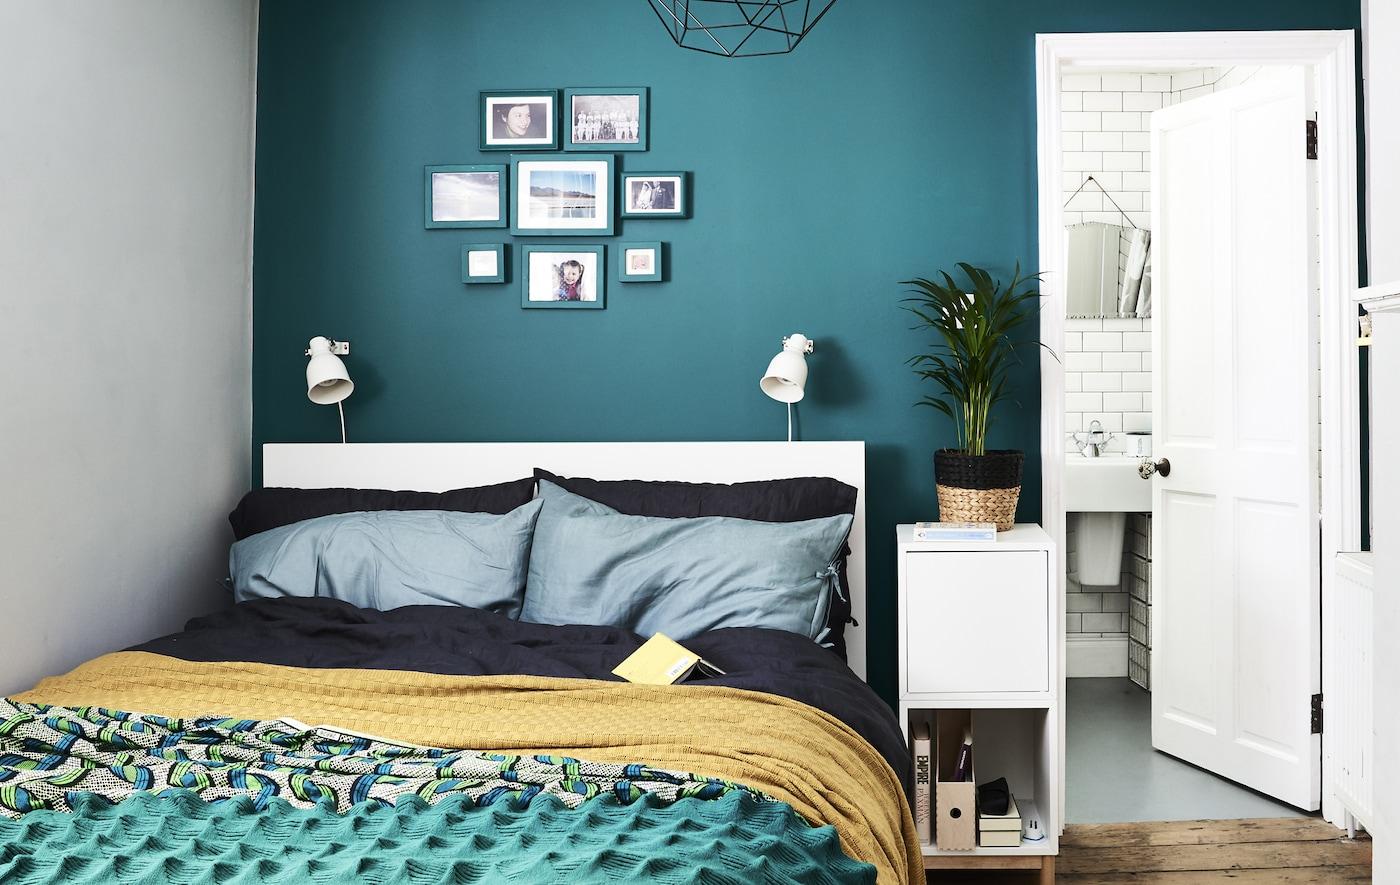 Pienen makuuhuoneen sisustus - Sisustussuunnittelijan ideat